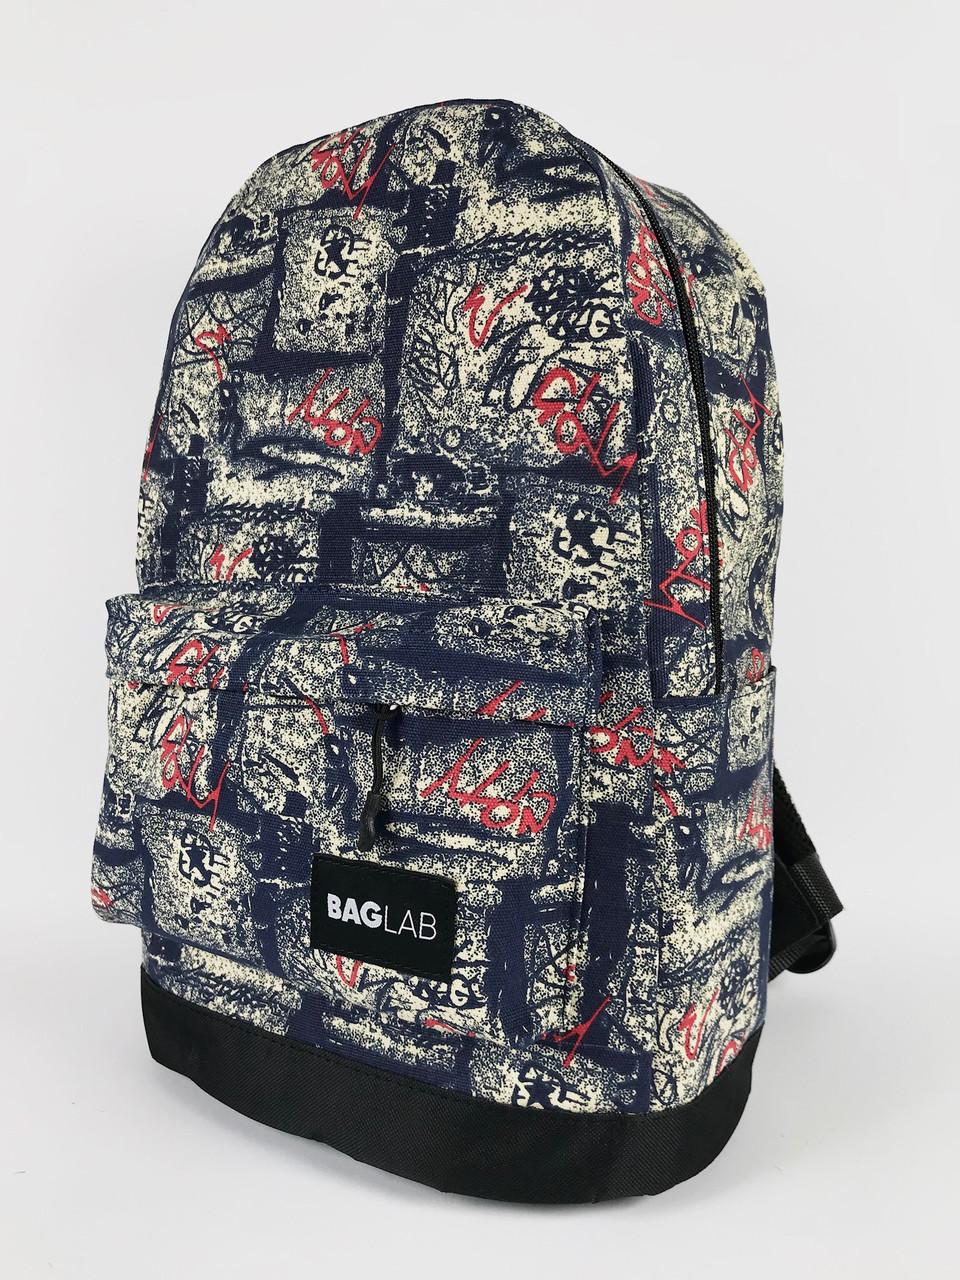 Молодежный рюкзак Baglab графити котон F